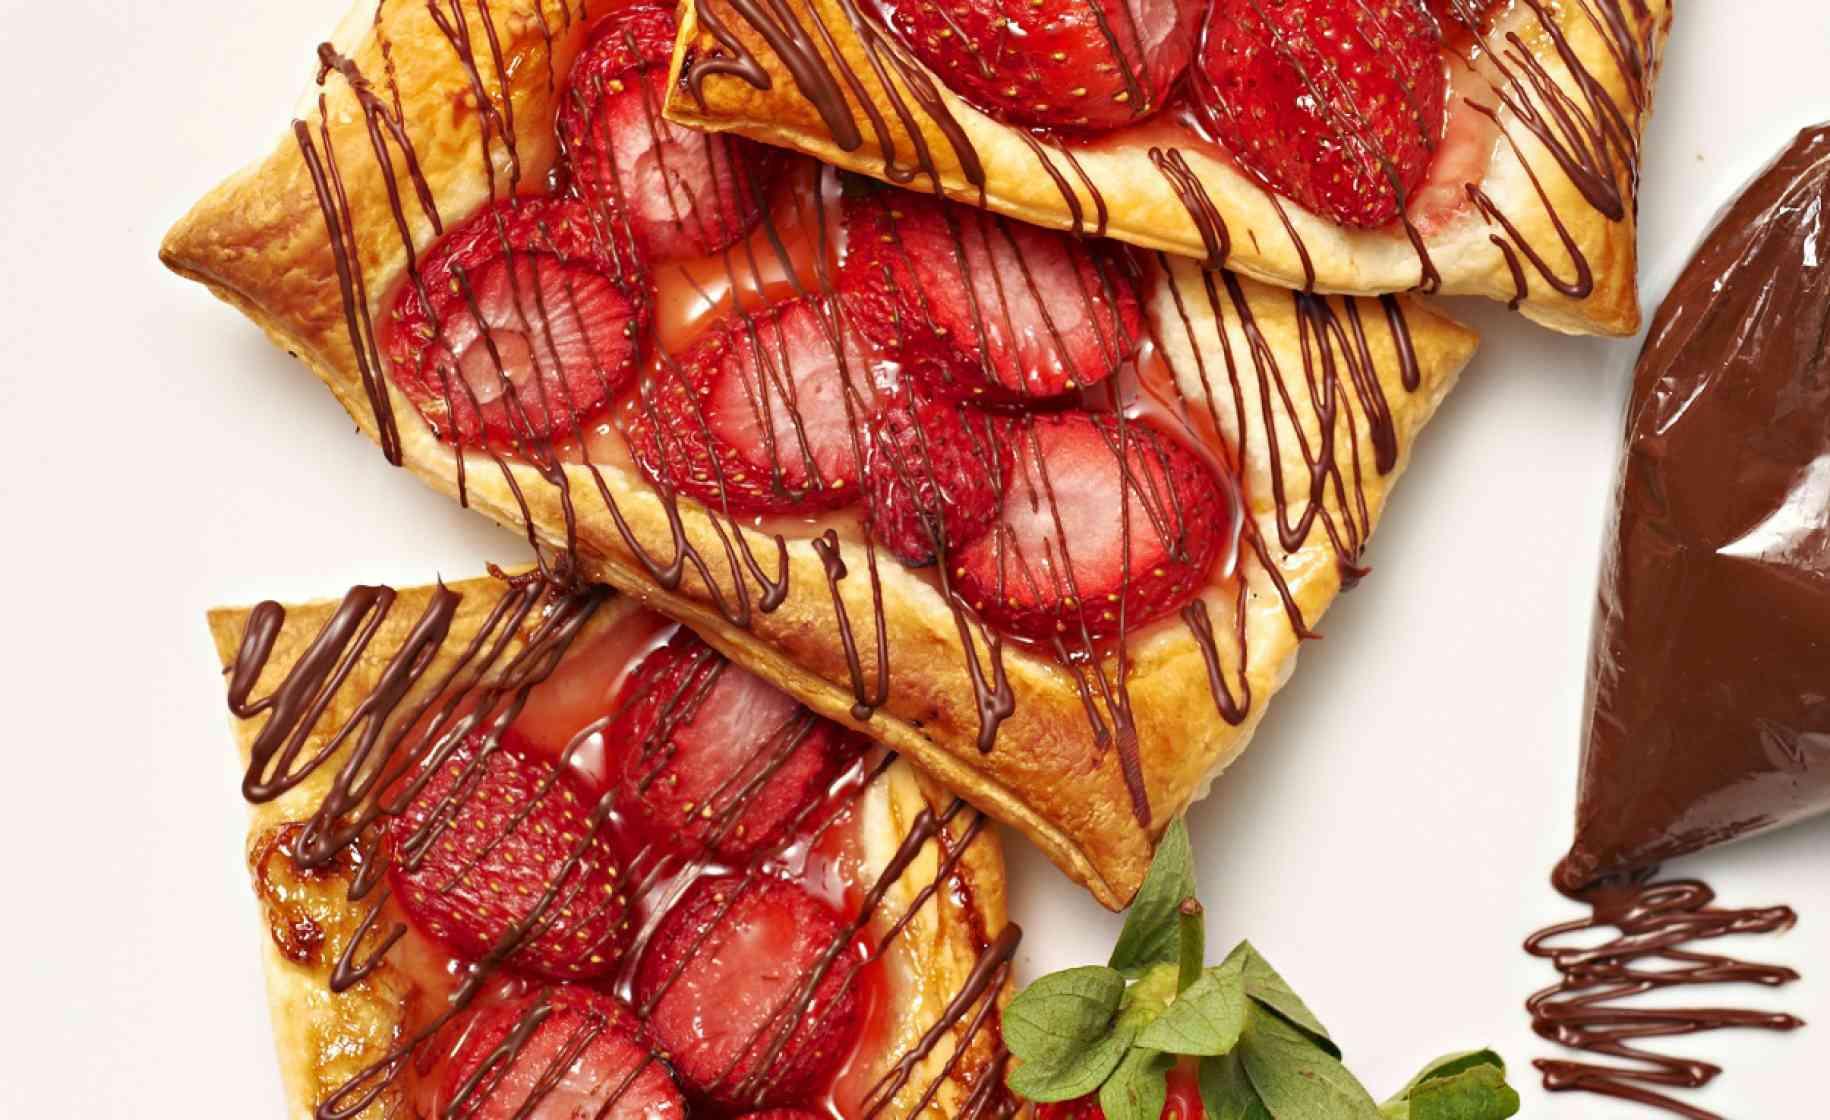 sticky strawberry danish